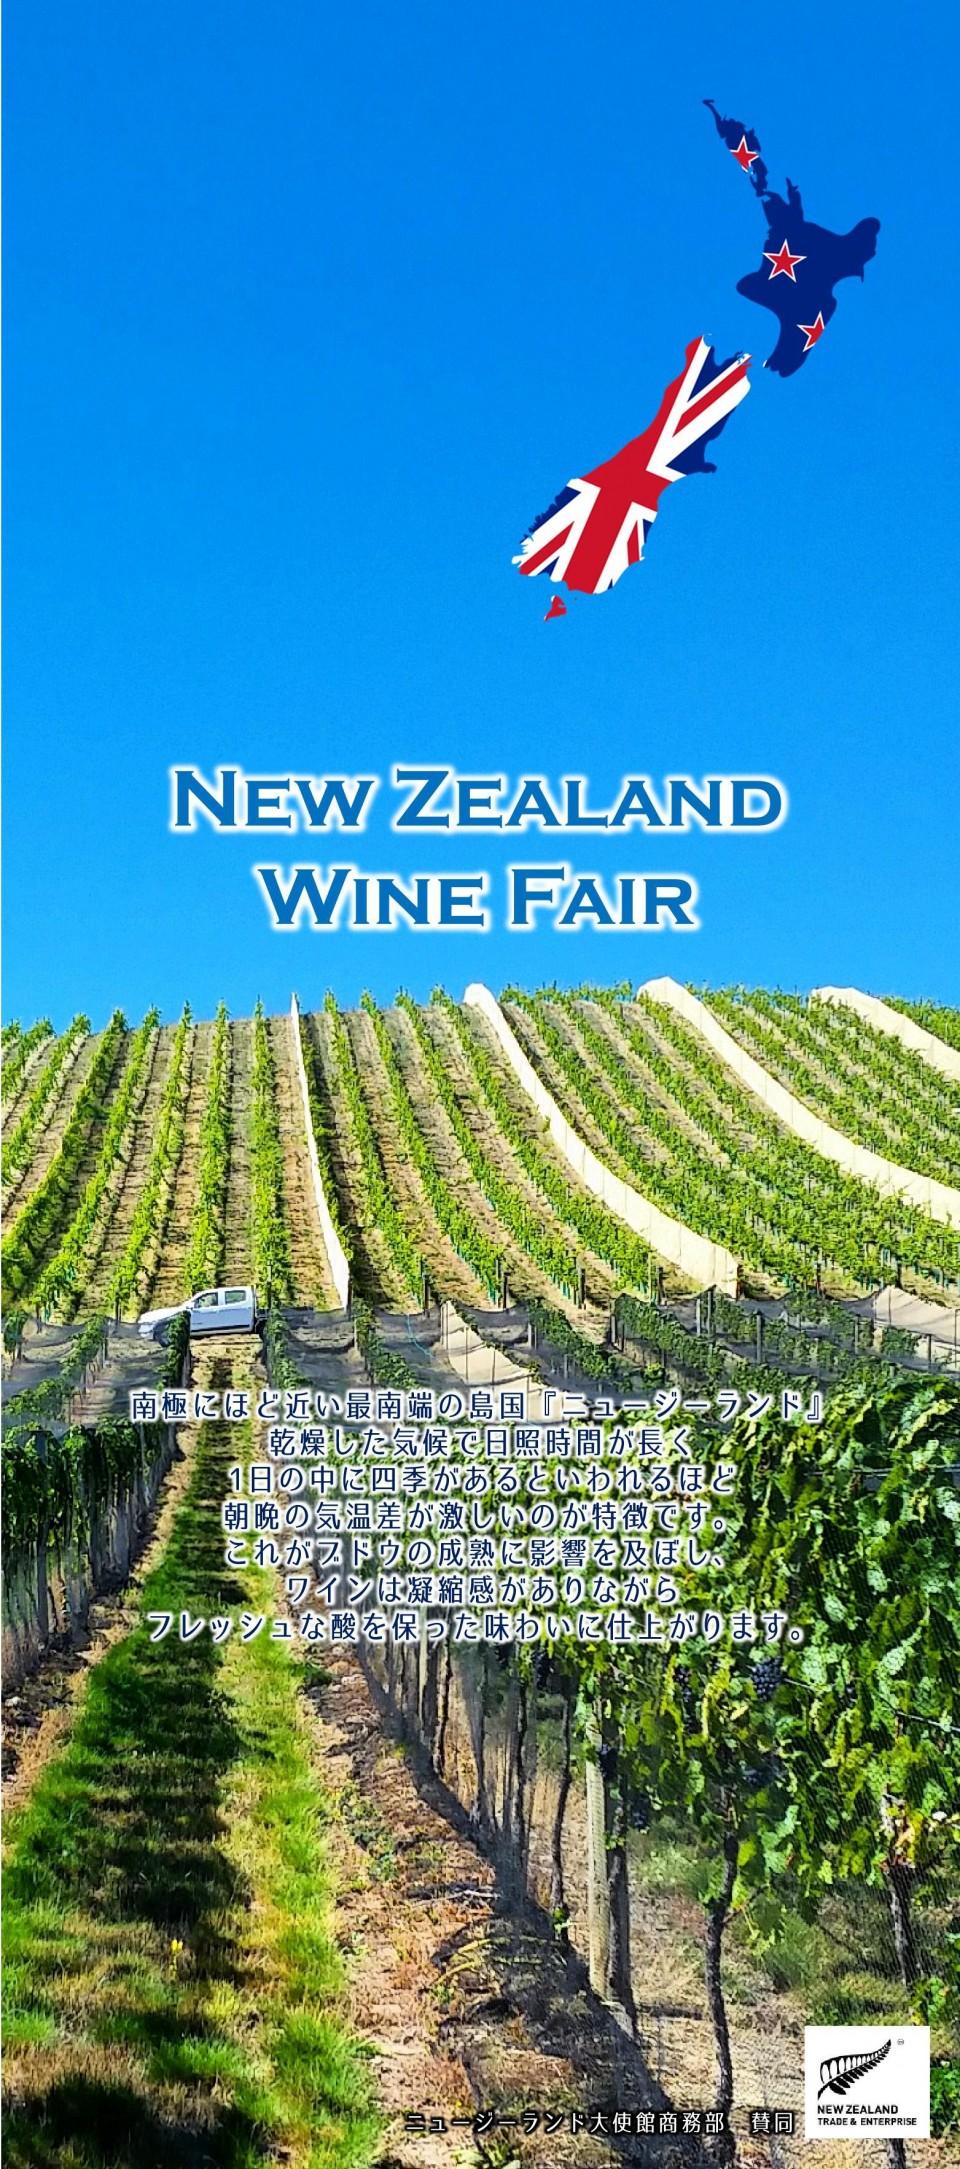 ニュージーランドワインフェア_MATOIYA青山様_HP告知用